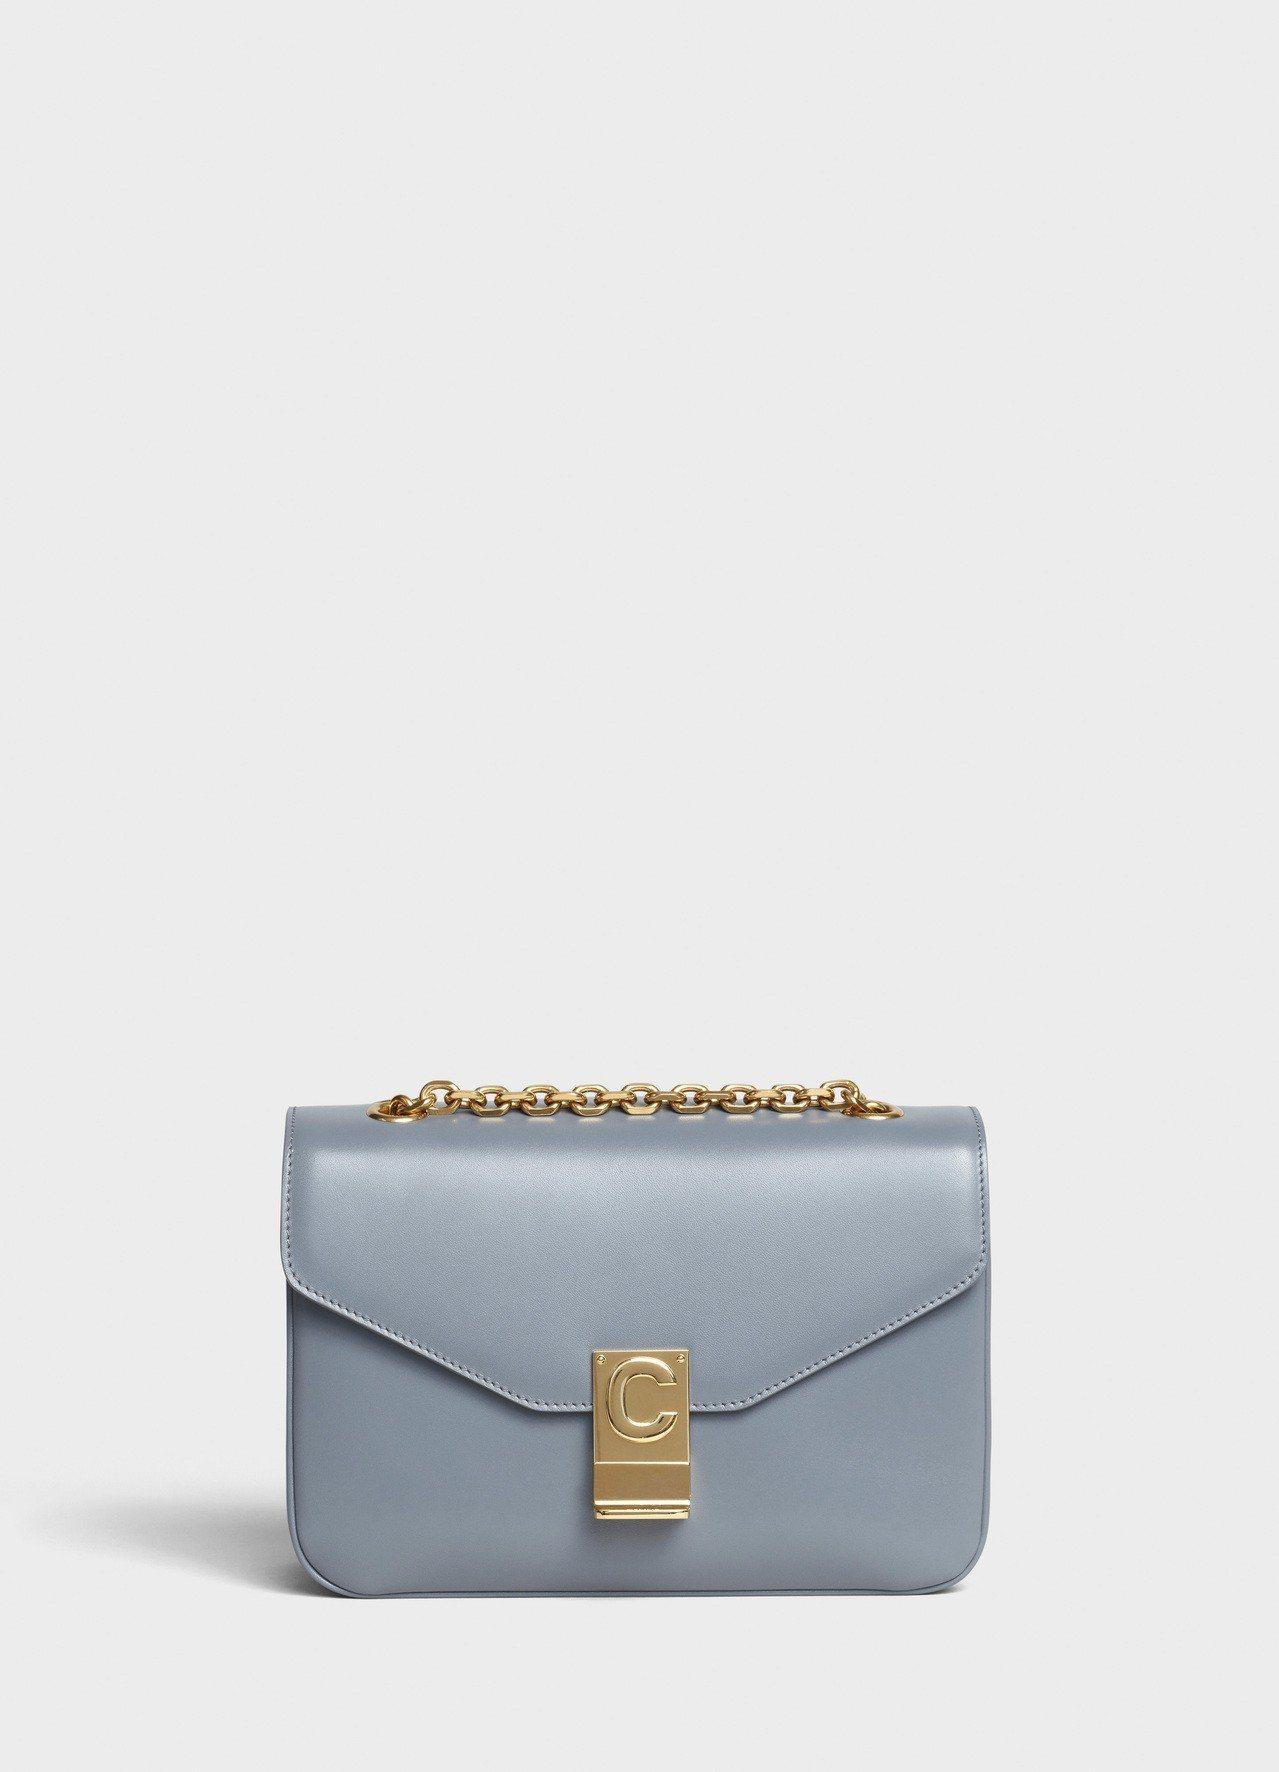 灰色光滑小牛皮中型鍊帶C Bag,售價99,000元。圖/CELINE BY H...